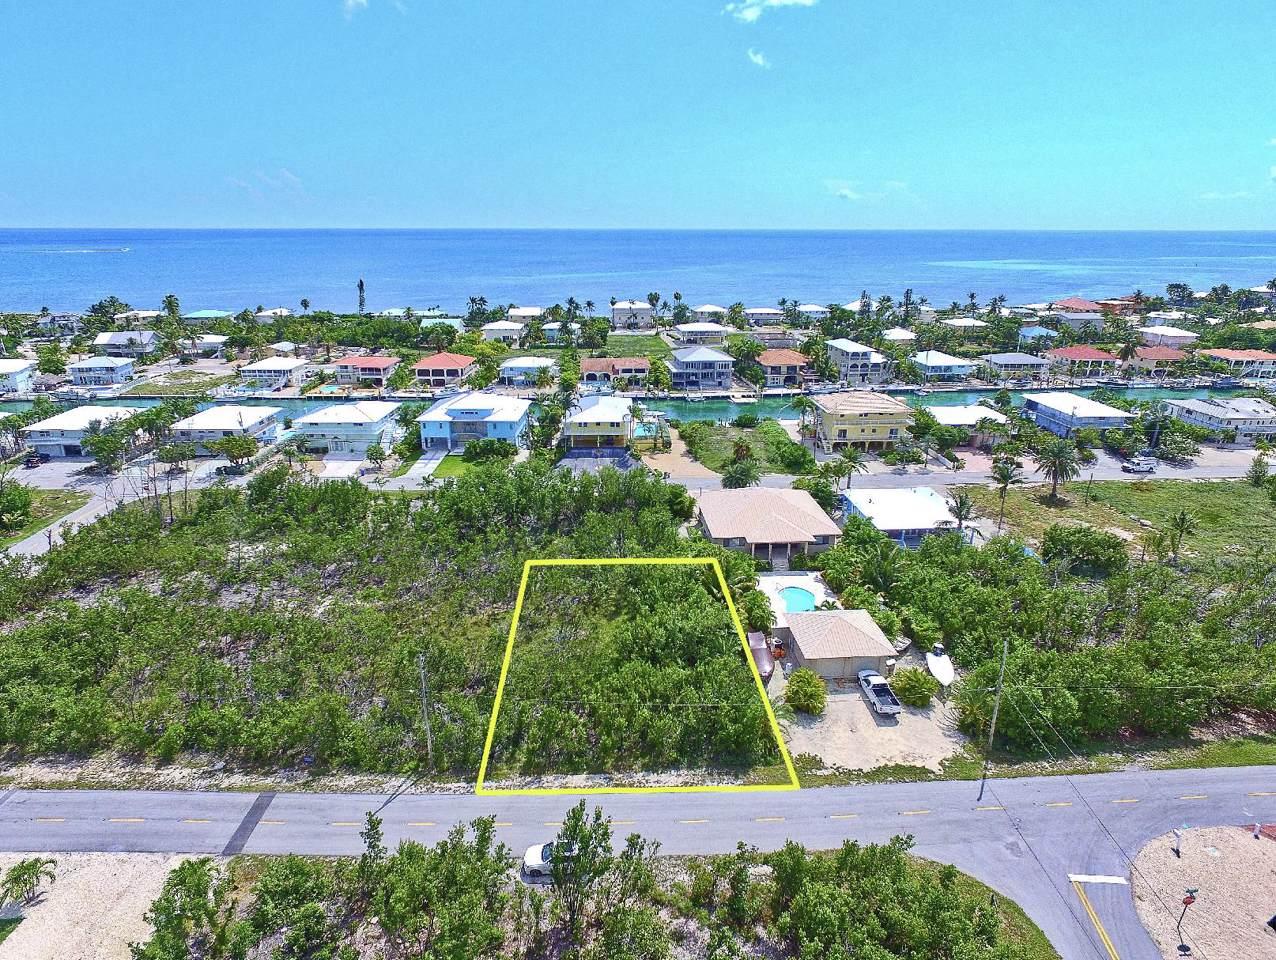 Lot 13 Bahama Drive - Photo 1